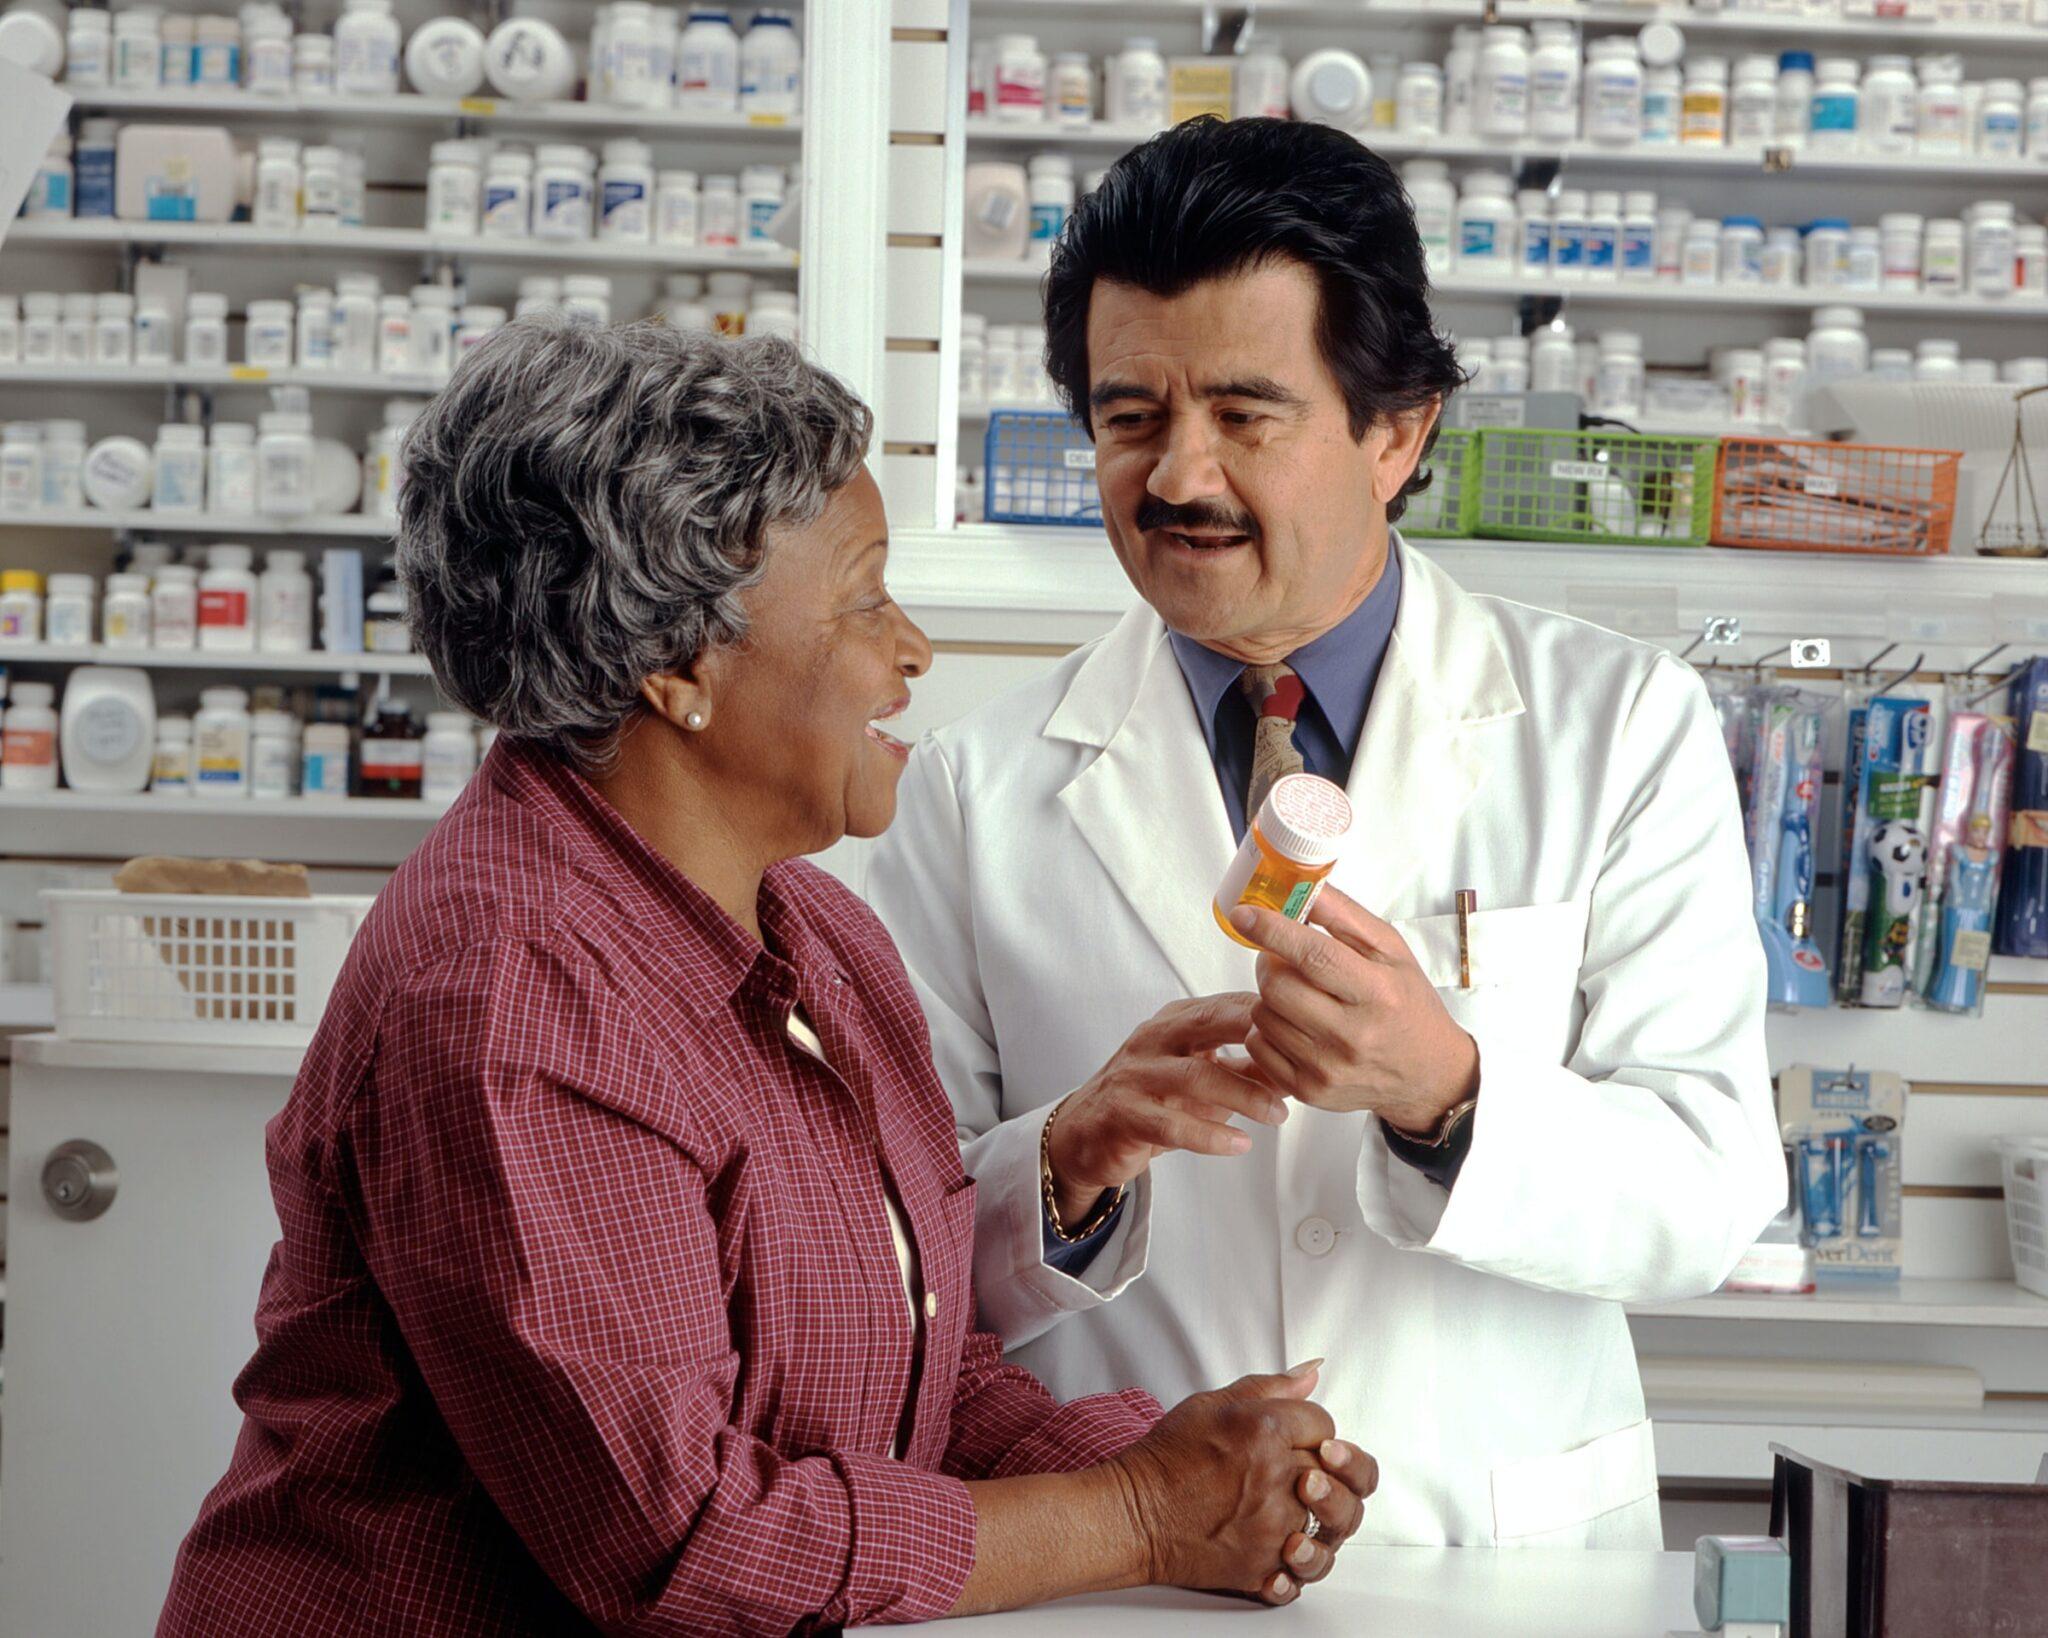 Eine ältere Dame bekommt ein Röhrchen Pillen von einem Apotheker im weissen Kittel. Beide sehen fröhlich aus